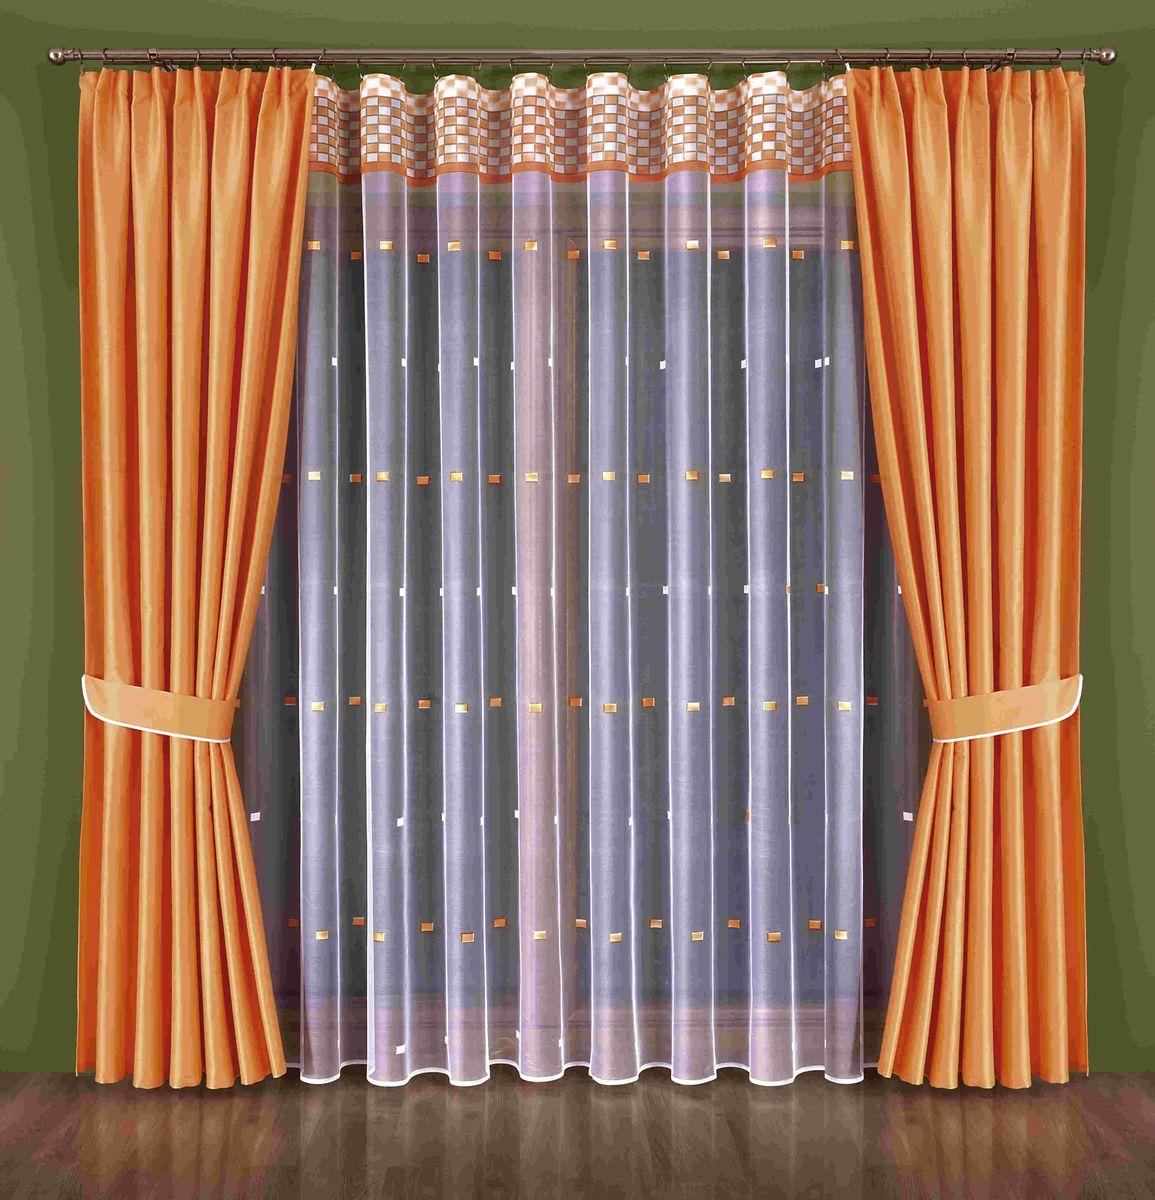 Комплект штор Wisan Kenza, на ленте, цвет: оранжевый, белый, высота 250 см348WКомплект штор Wisan Kenza выполненный из полиэстера, великолепно украсит любое окно. В комплект входят 2 шторы, тюль и 2 подхвата. Оригинальный узор придает комплекту особый стиль и шарм. Тонкое жаккардовое плетение, нежная цветовая гамма и роскошное исполнение - все это делает шторы Wisan Kenza замечательным дополнением интерьера помещения. Комплект оснащен шторной лентой для красивой сборки. В комплект входит: Штора - 2 шт. Размер (ШхВ): 180 см х 250 см. Тюль - 1 шт. Размер (ШхВ): 600 см х 250 см. Подхват - 2 шт. Фирма Wisan на польском рынке существует уже более пятидесяти лет и является одной из лучших польских фабрик по производству штор и тканей. Ассортимент фирмы представлен готовыми комплектами штор для гостиной, детской, кухни, а также текстилем для кухни (скатерти, салфетки, дорожки, кухонные занавески). Модельный ряд отличает оригинальный дизайн, высокое качество. Ассортимент продукции постоянно пополняется.